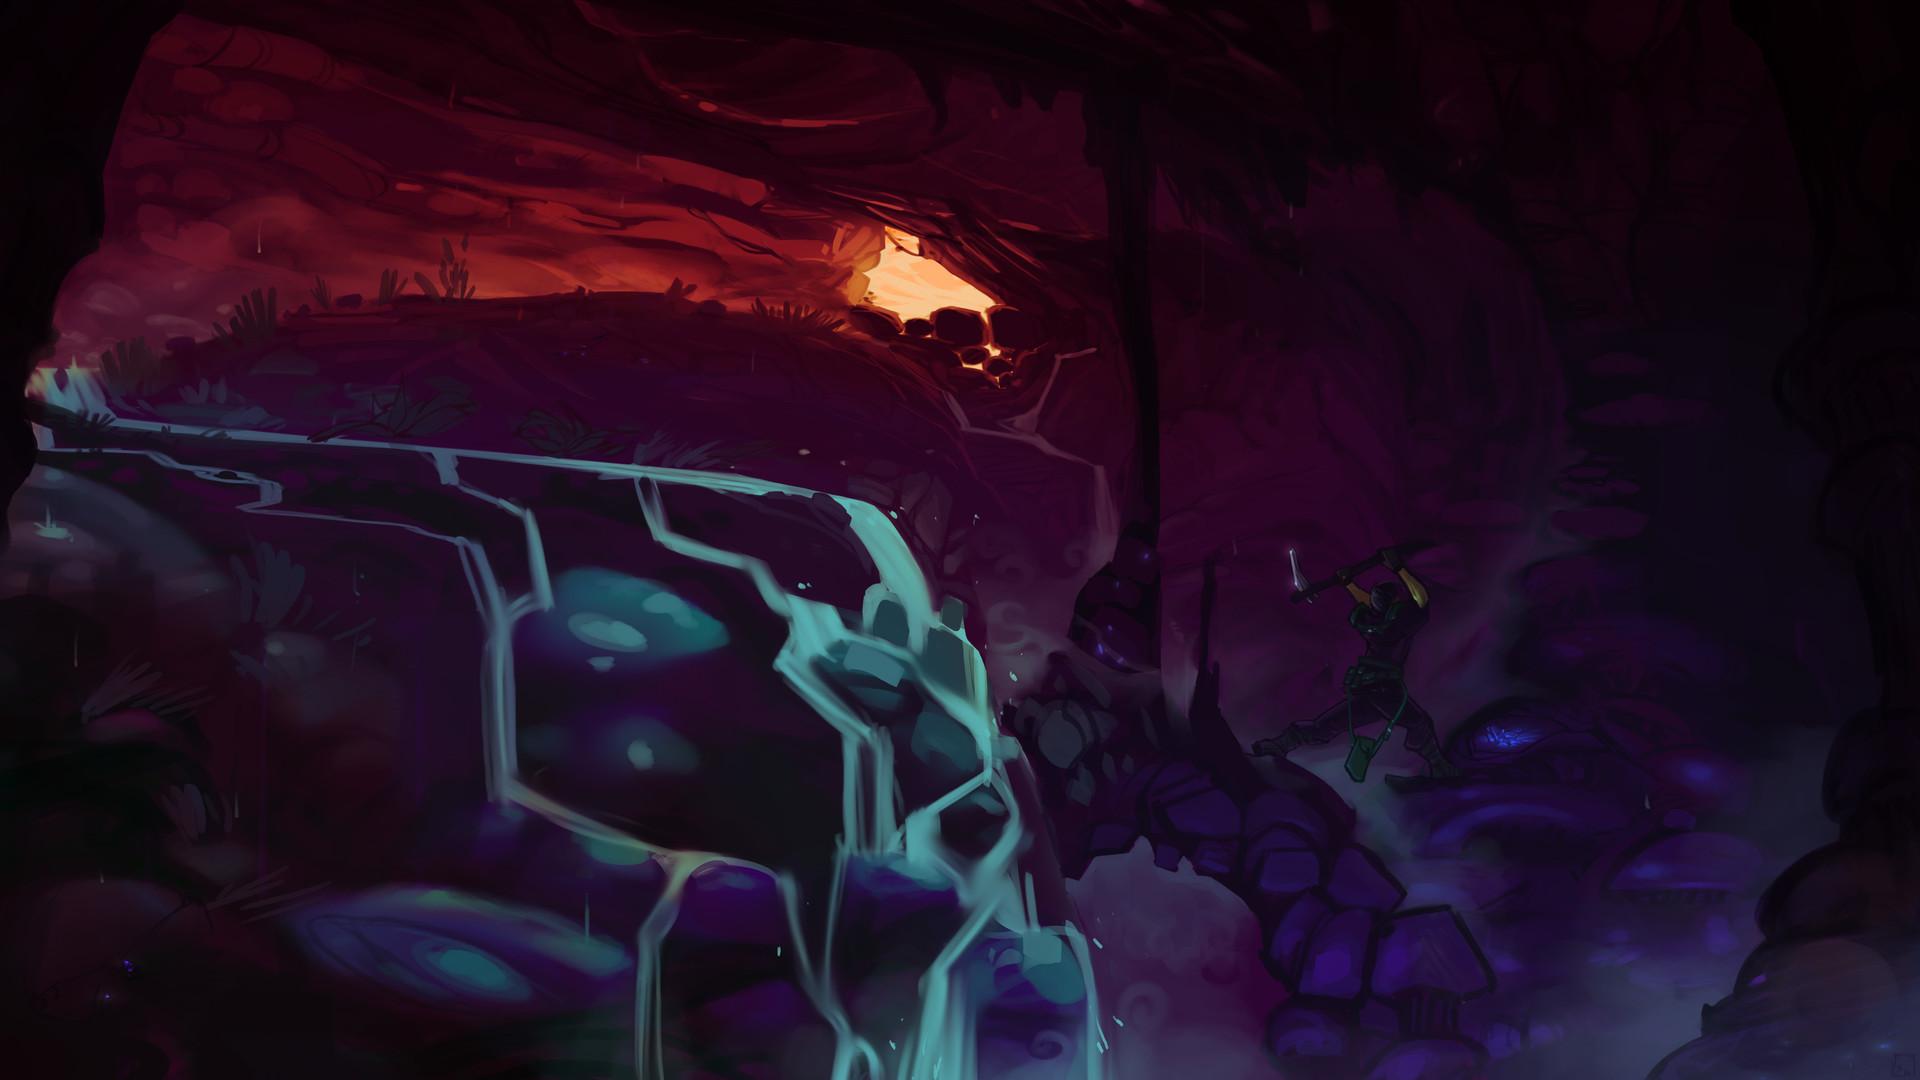 Etienne beschet archibalt grotte 02